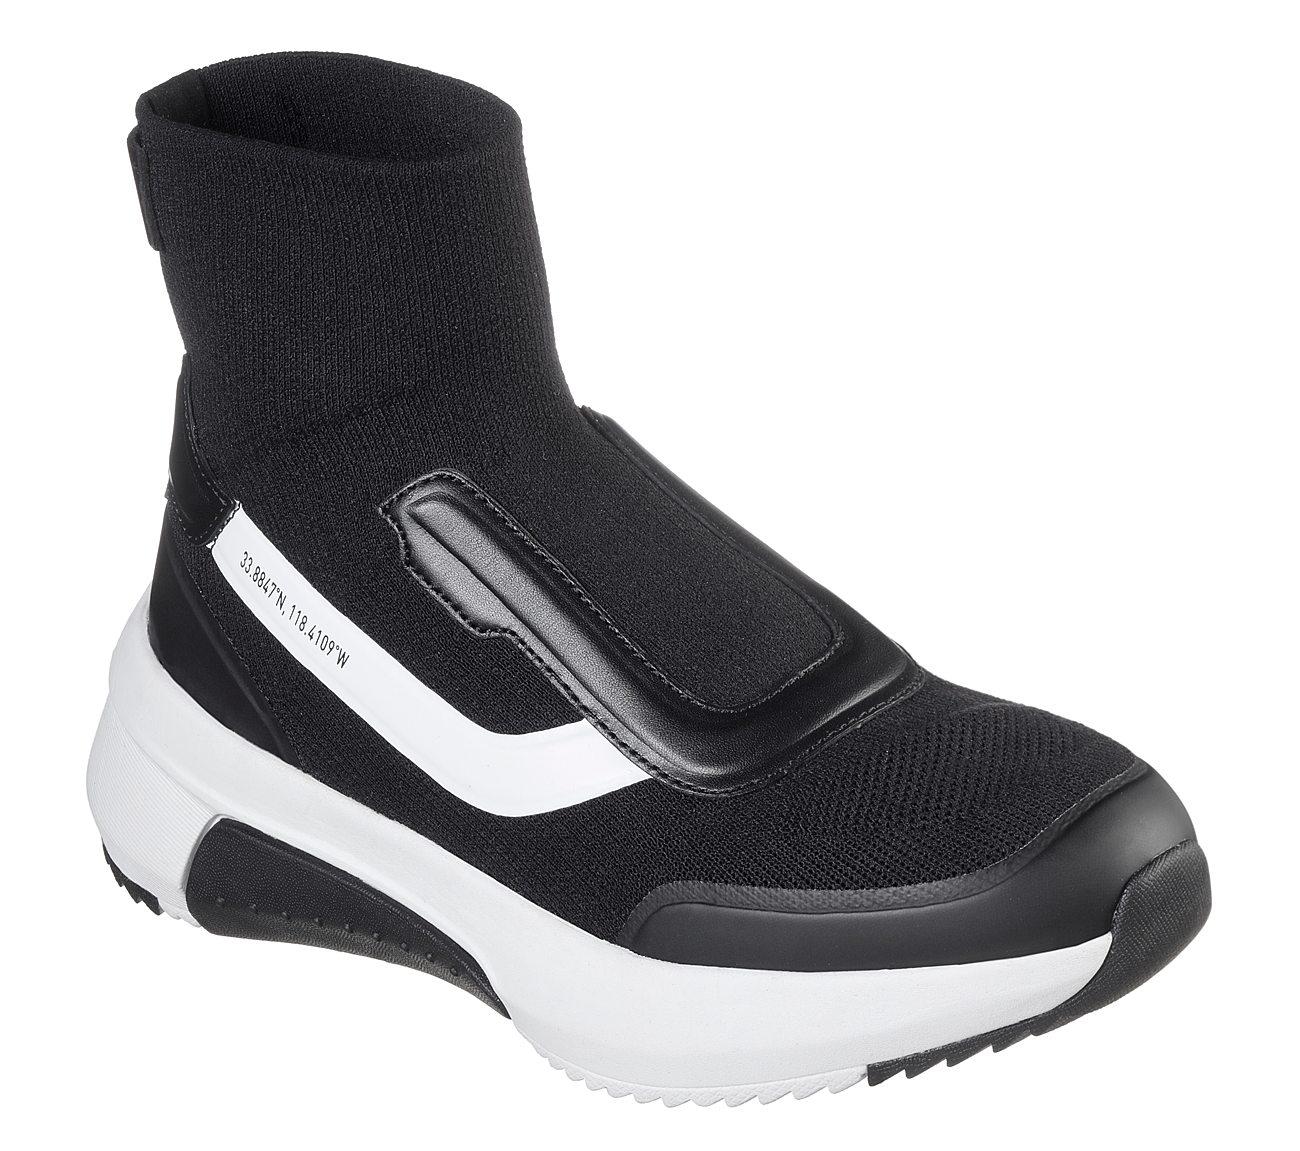 Buy SKECHERS Modern Jogger 2.0 - Jules